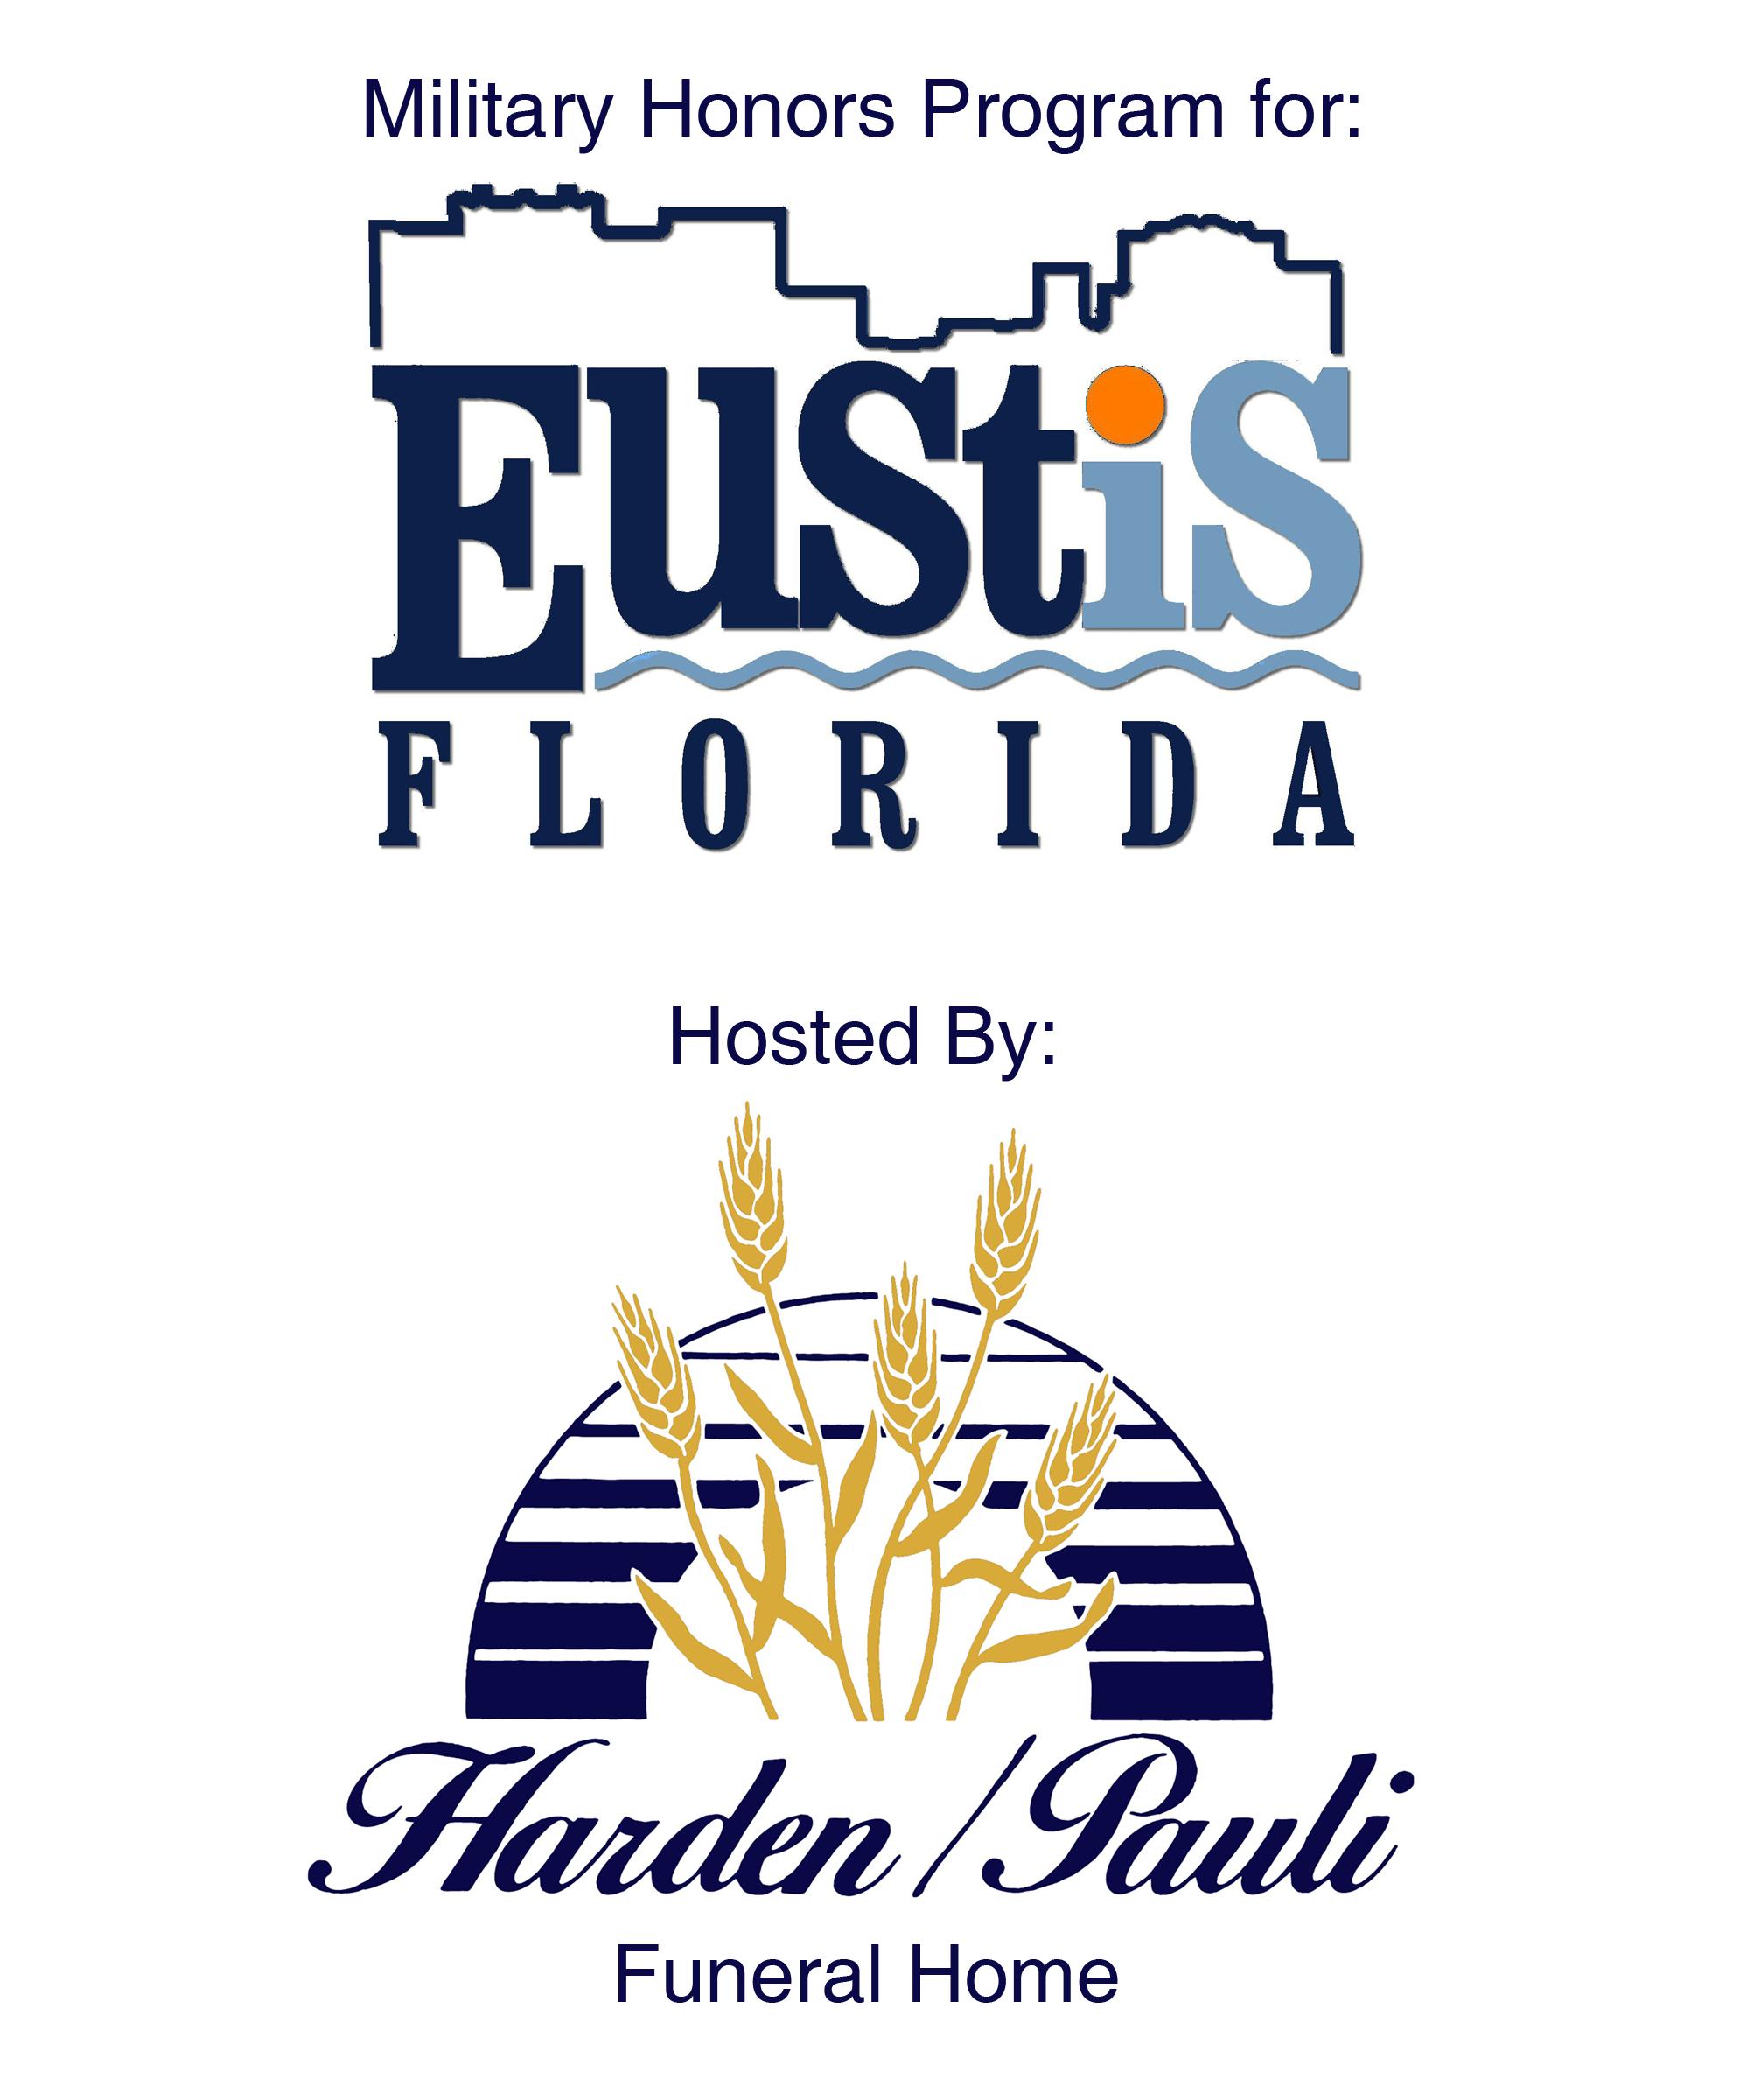 Eustis Florida Program